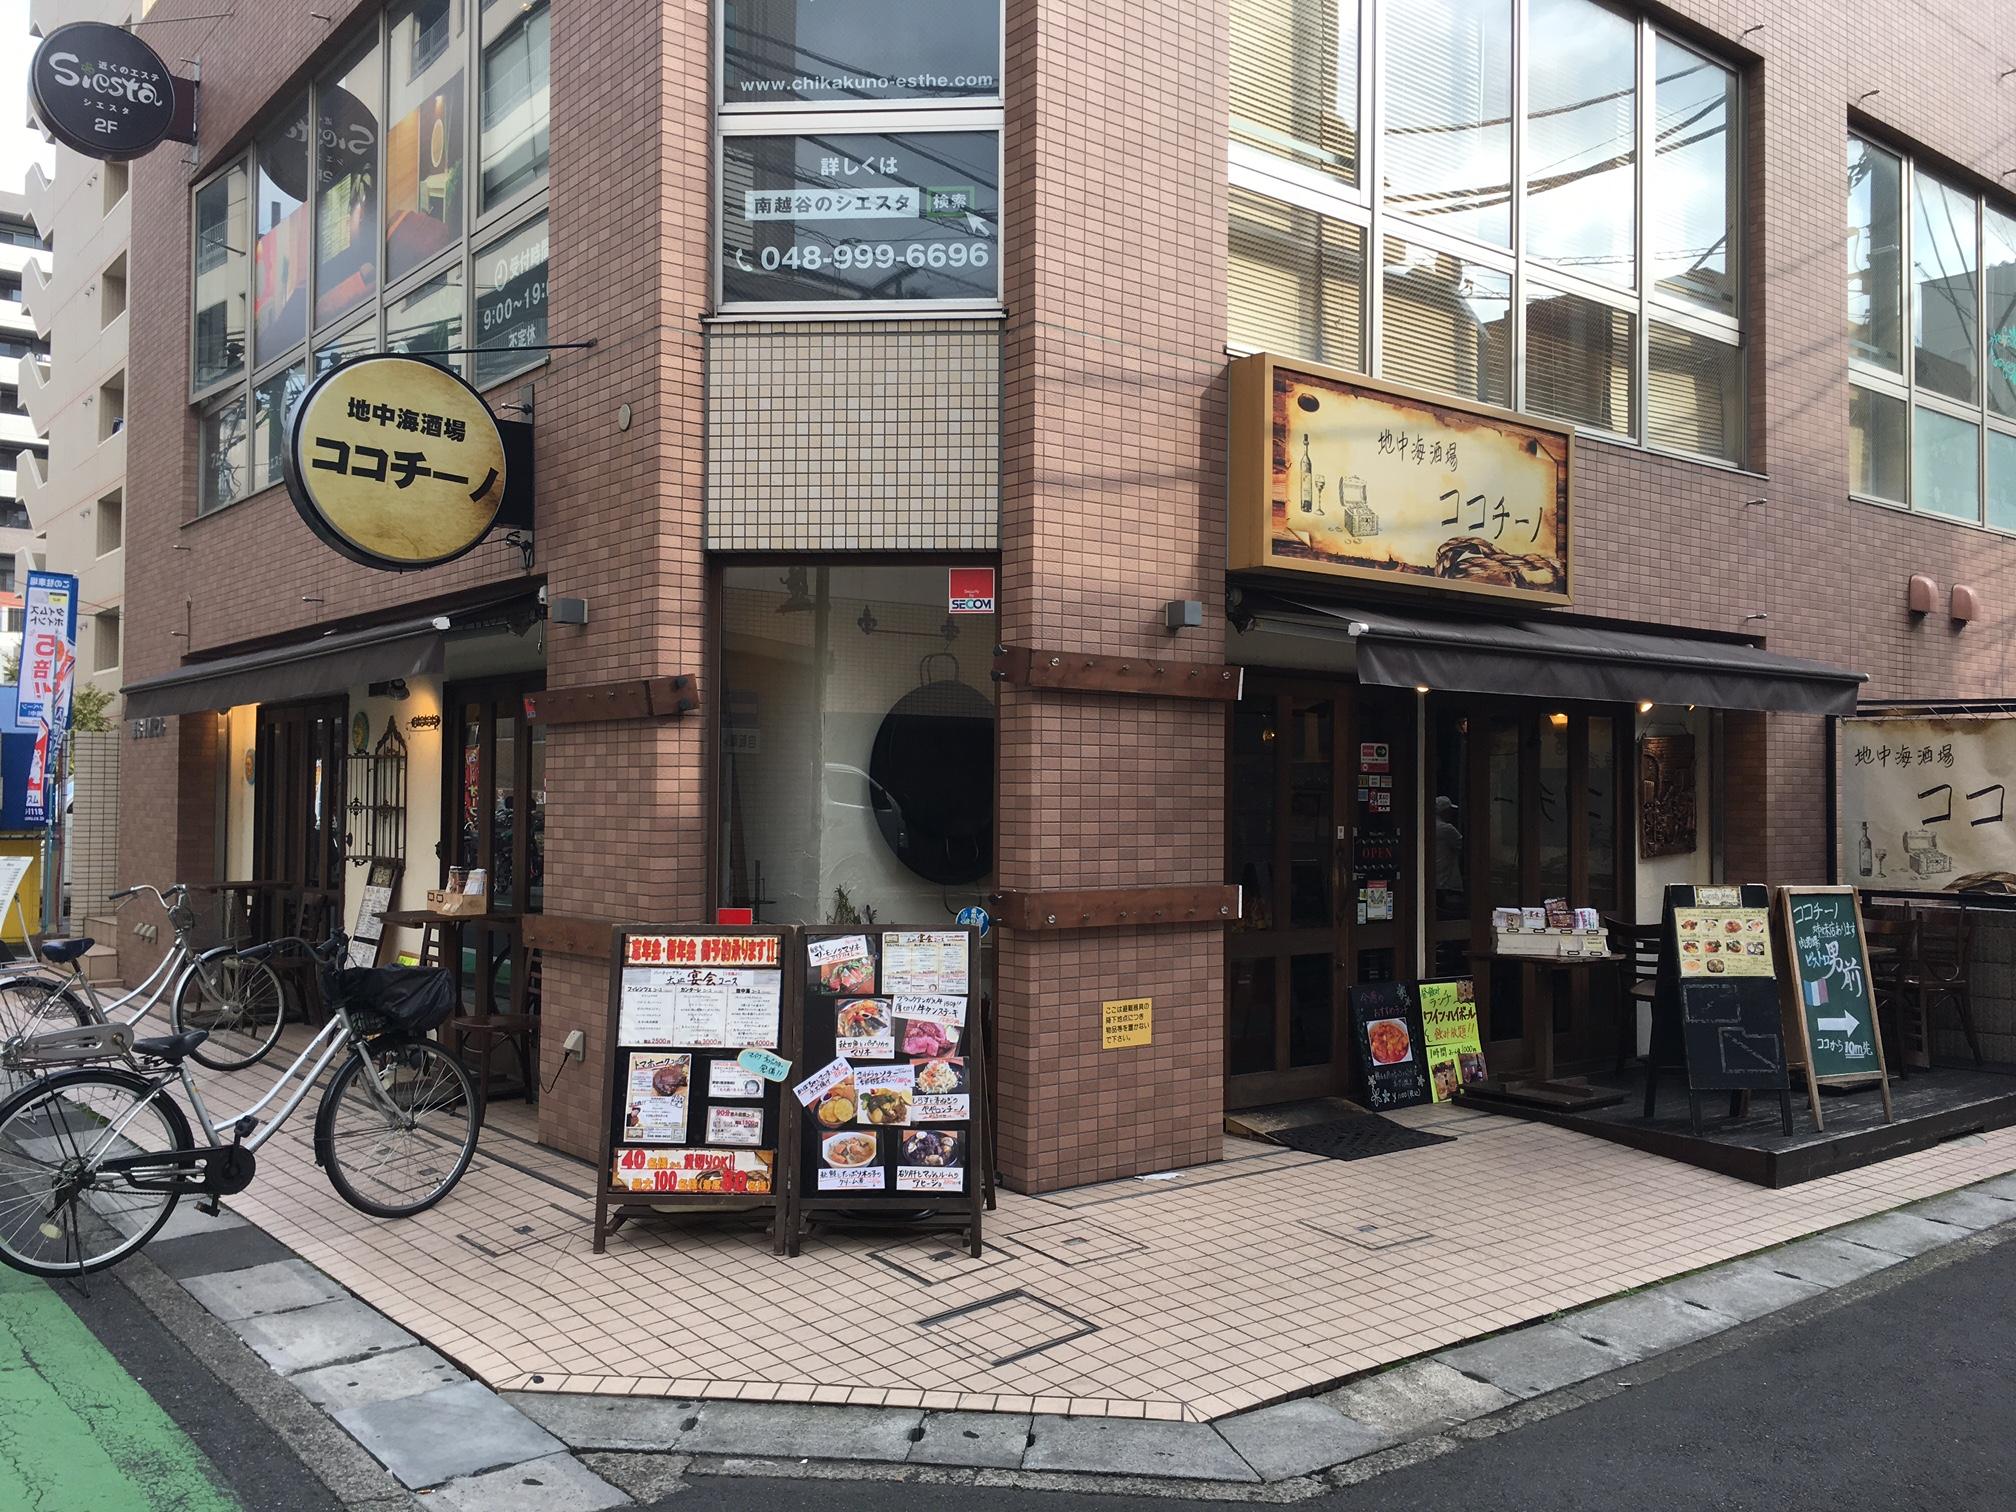 地中海酒場ココチーノ (埼玉県越谷市、イタリアン・地中海料理)